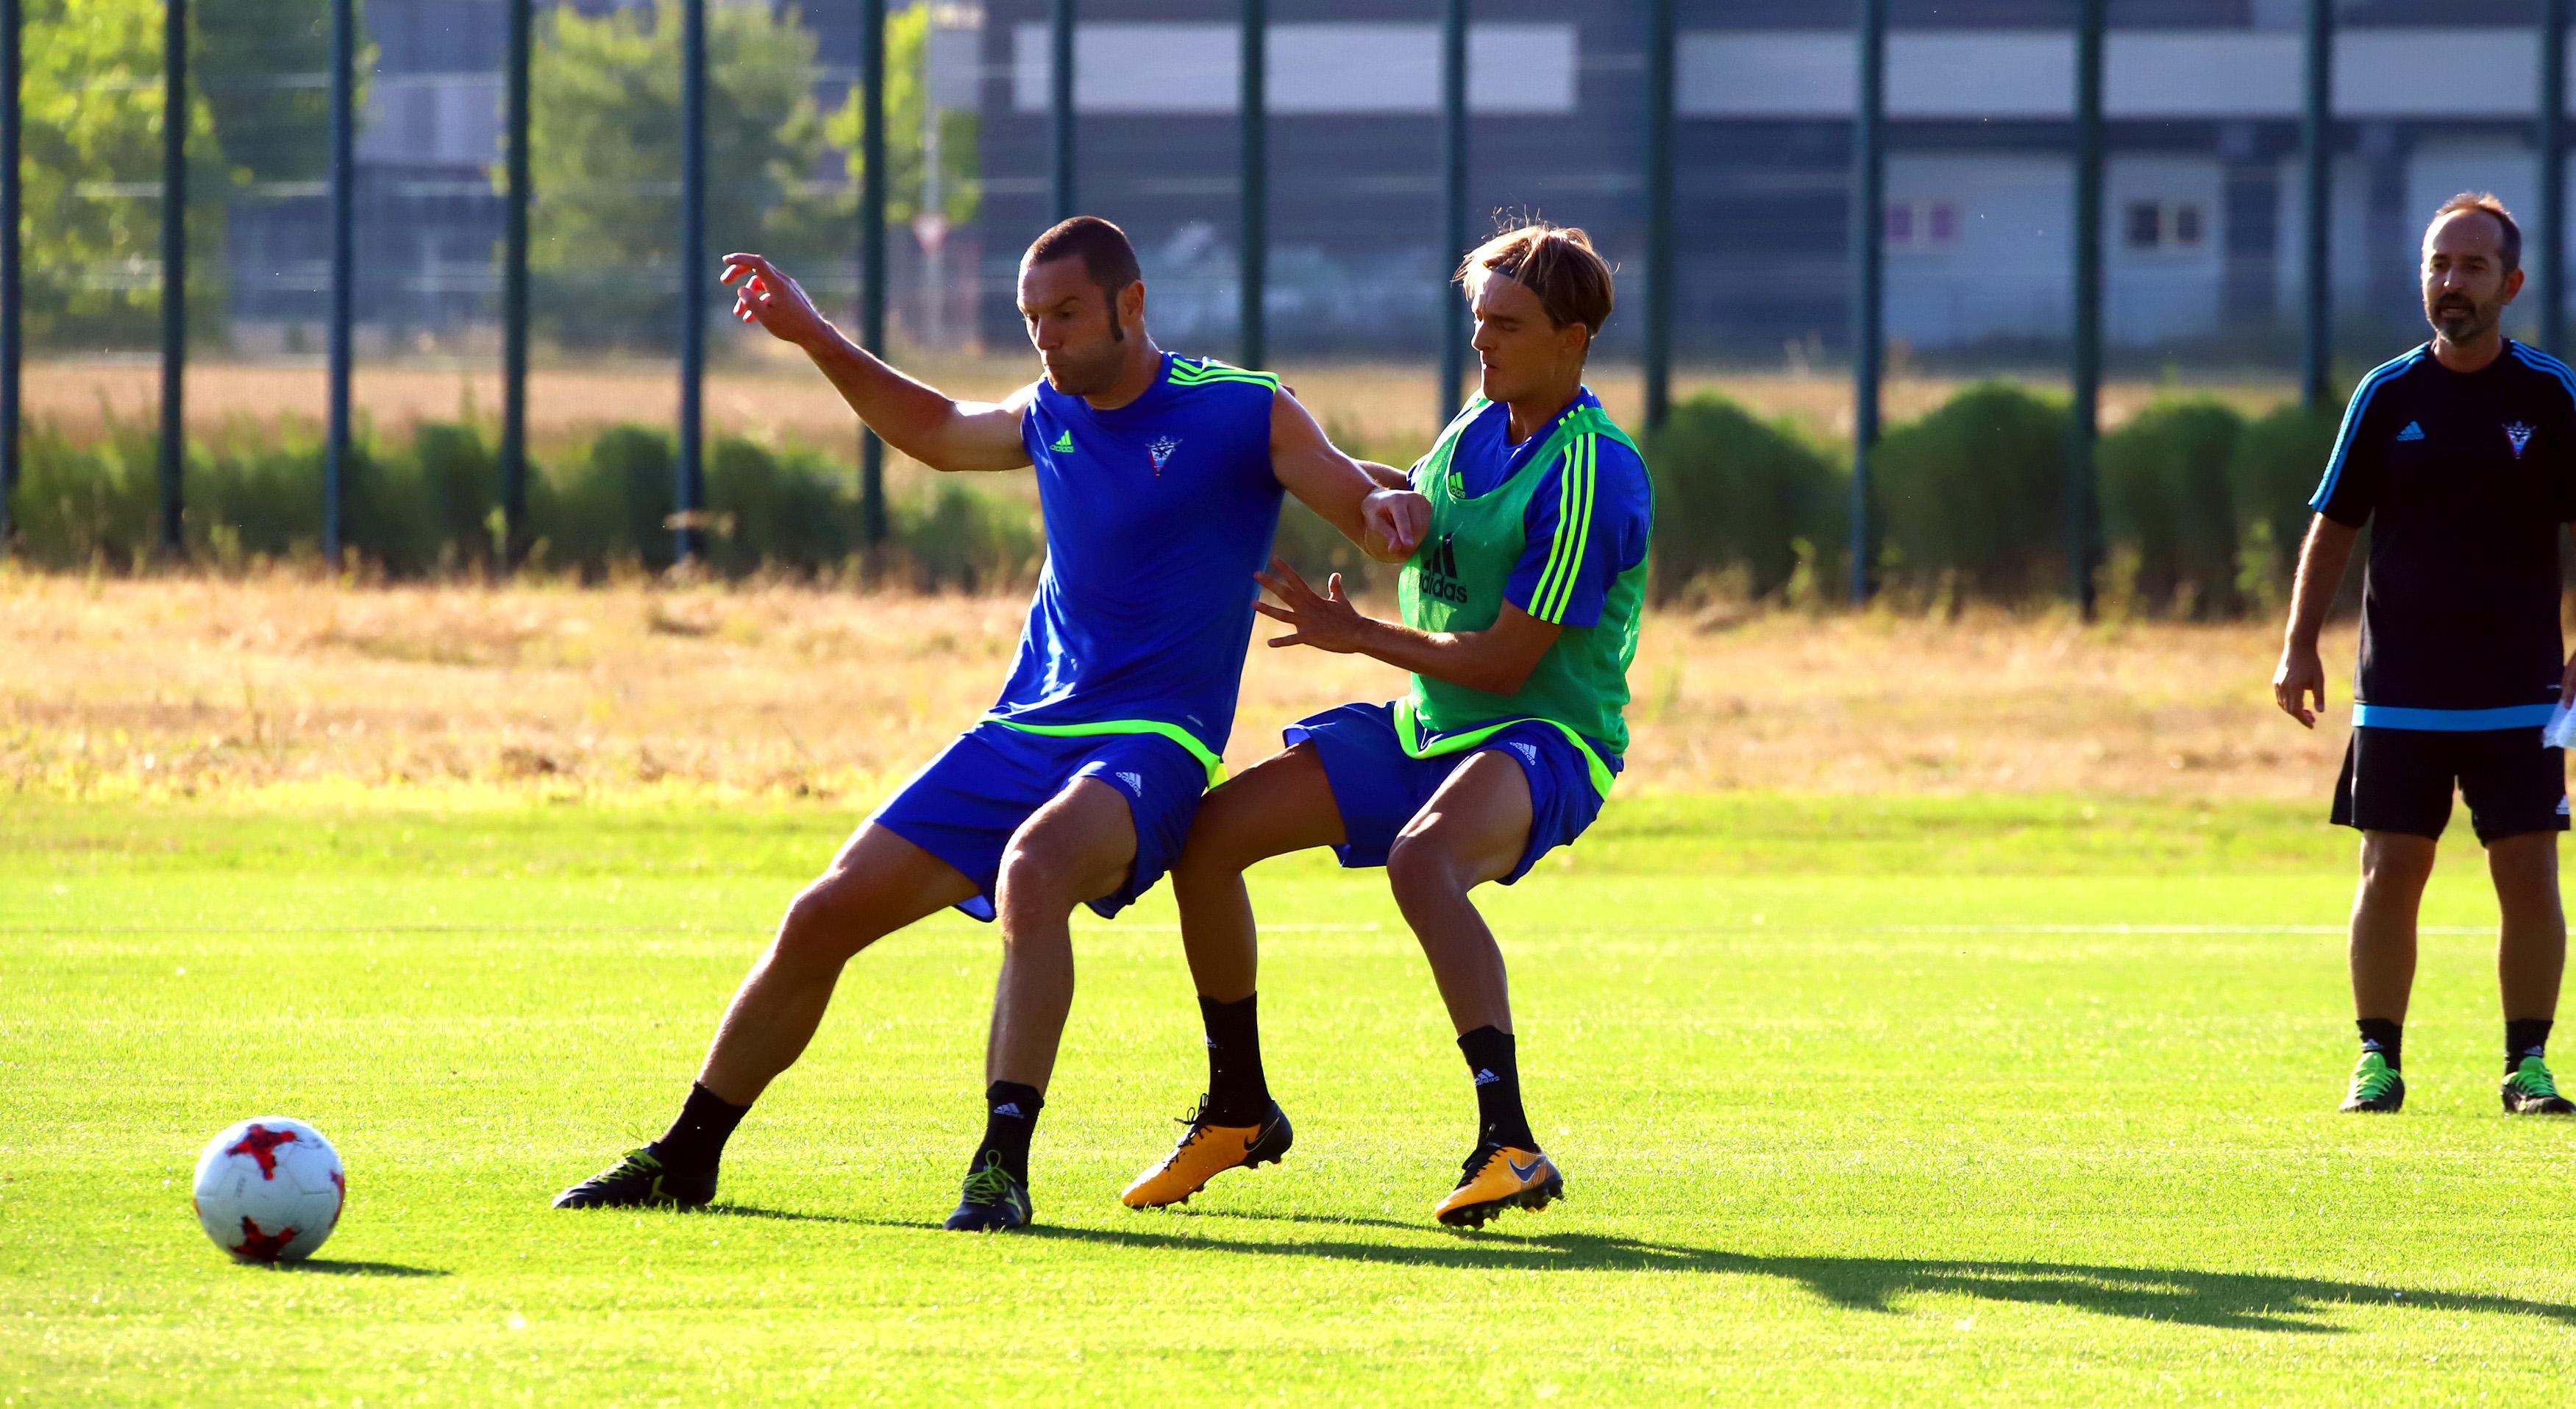 Sergio González deja buenas sensaciones en los primeros entrenamientos. /Avelino Gómez